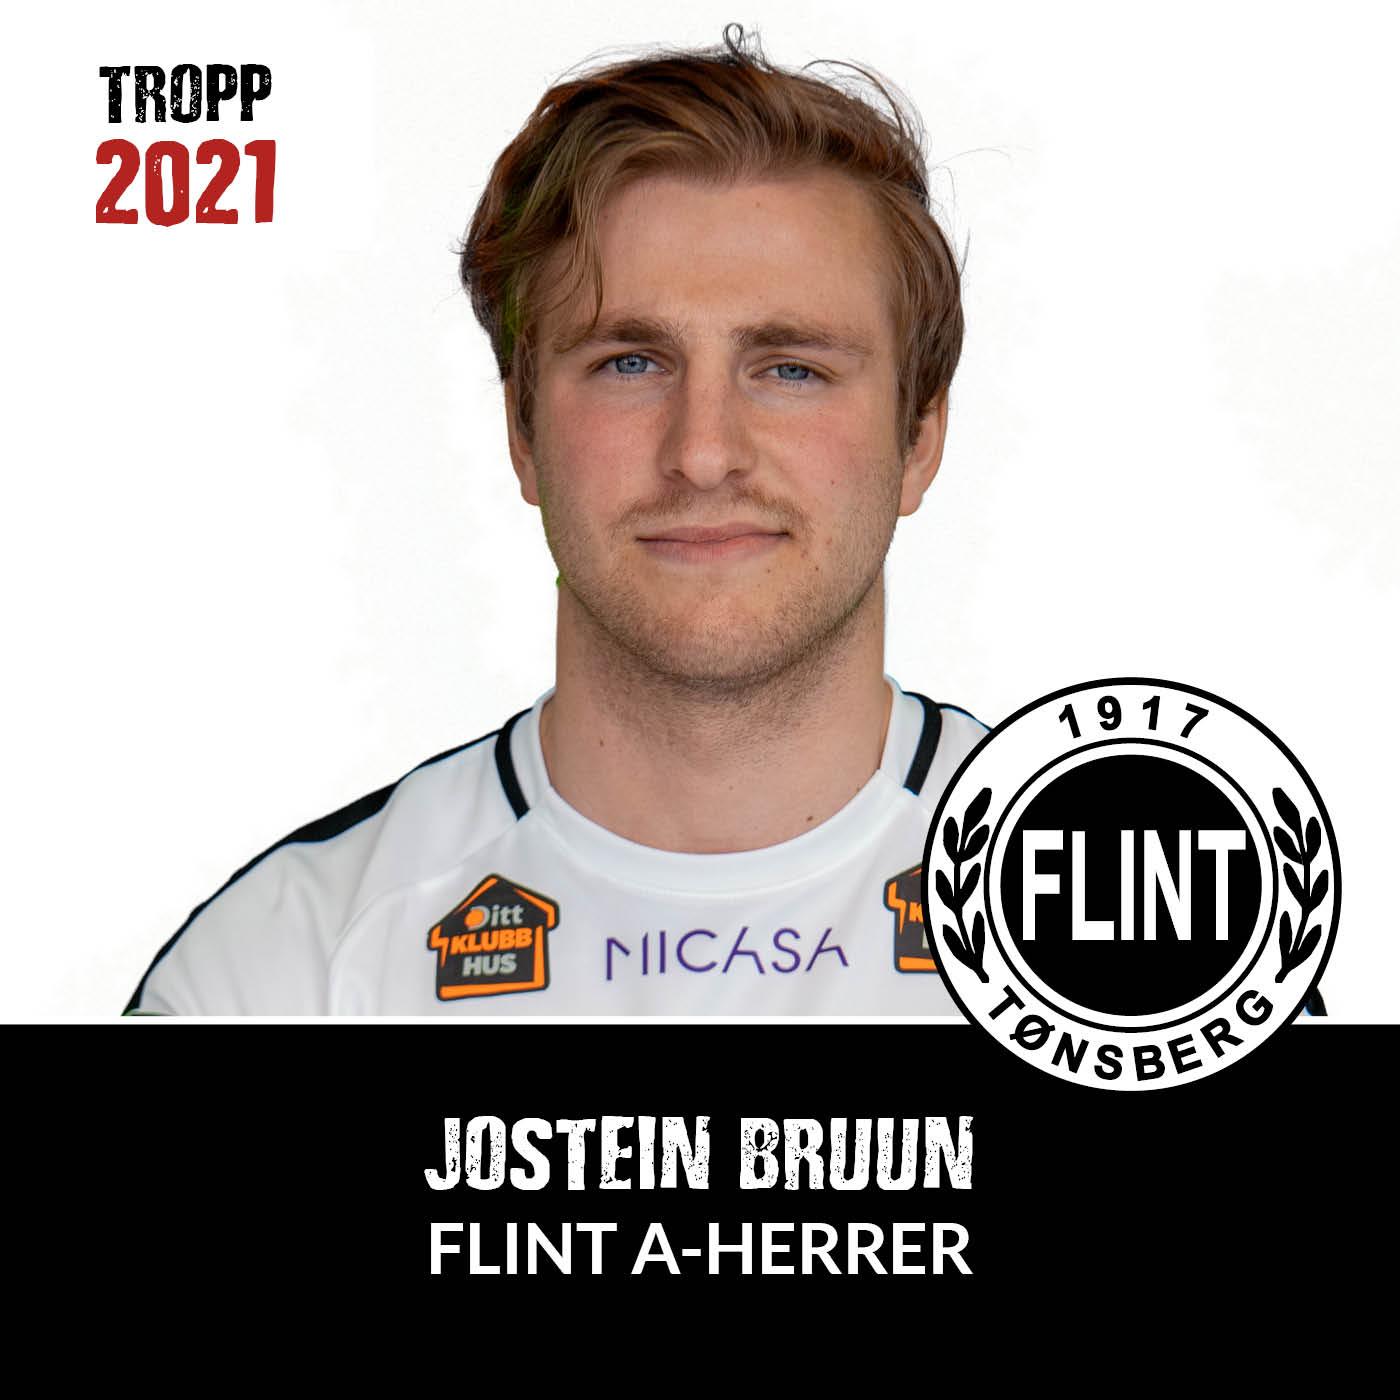 https://www.flintfotball.no/wp-content/uploads/2021/01/A-herrer-2021-Jostein-Bruun.jpg